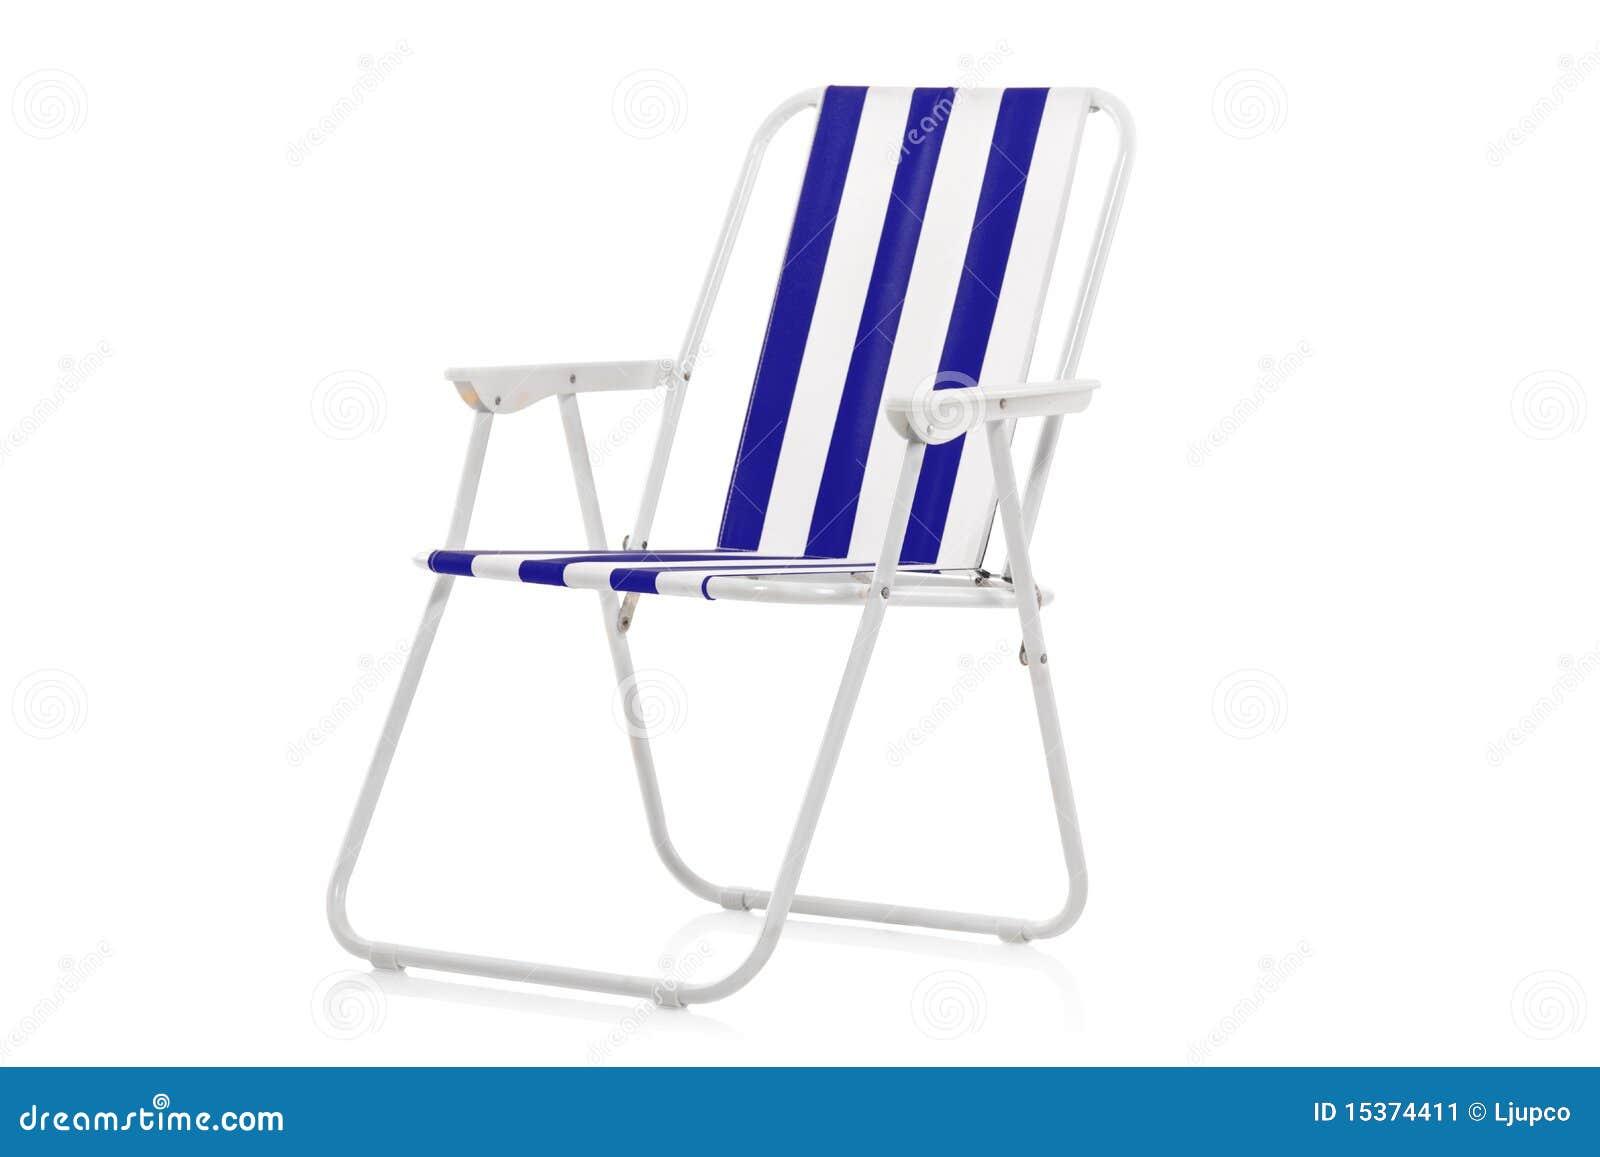 Silla de playa rayada azul y blanca imagen de archivo imagen 15374411 - Silla de playa ...